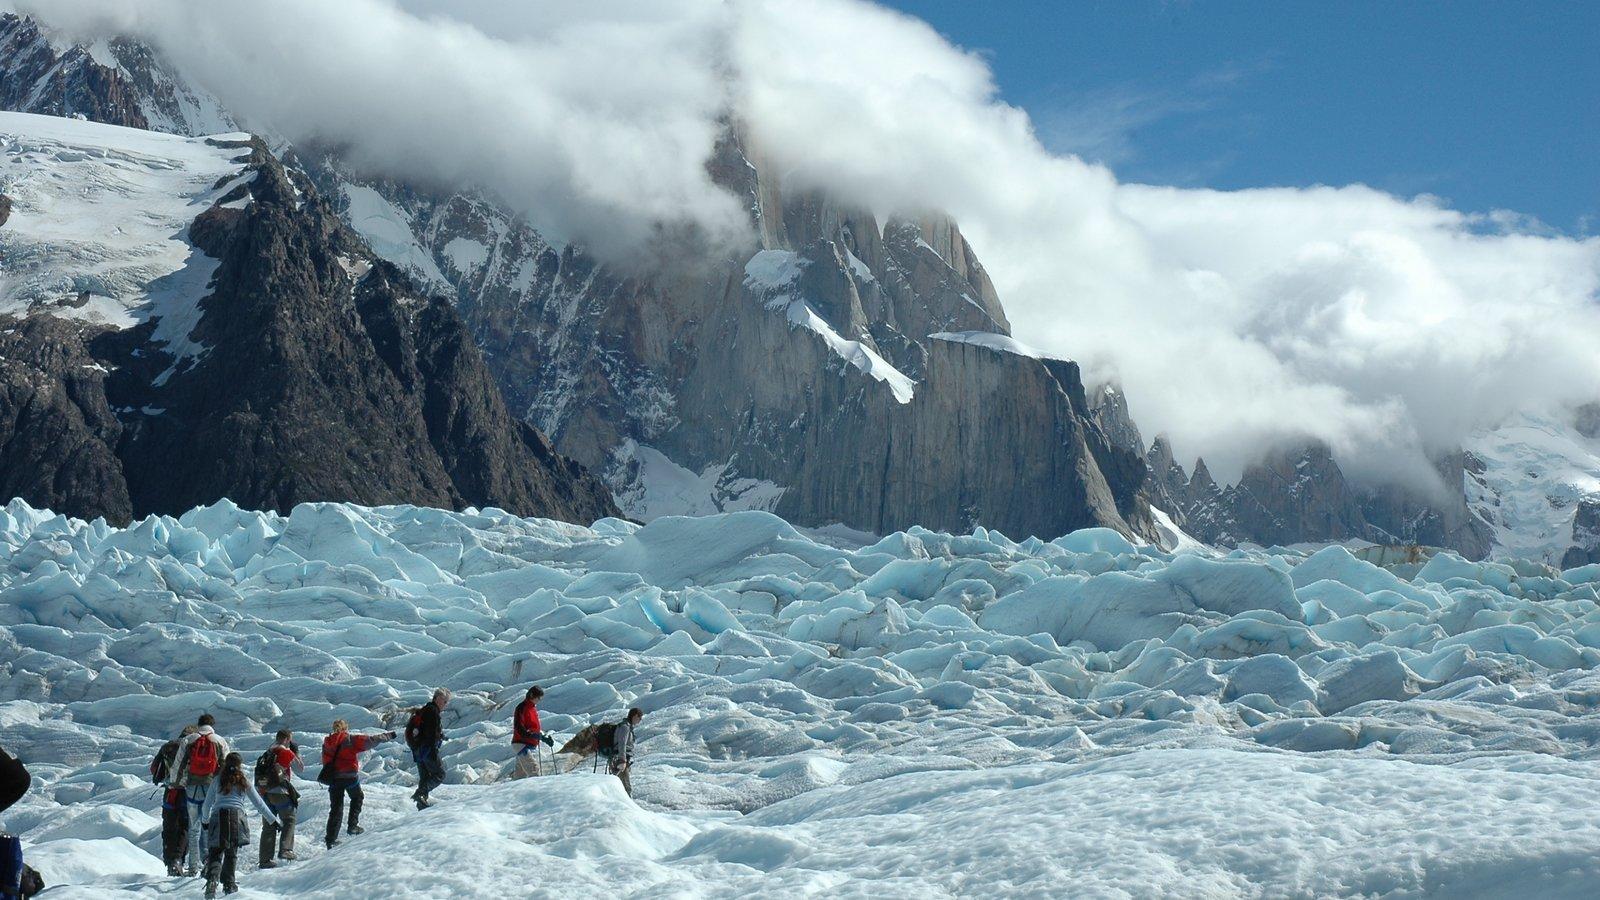 Parque Nacional Los Glaciares mostrando escalada ou caminhada, montanhas e neve